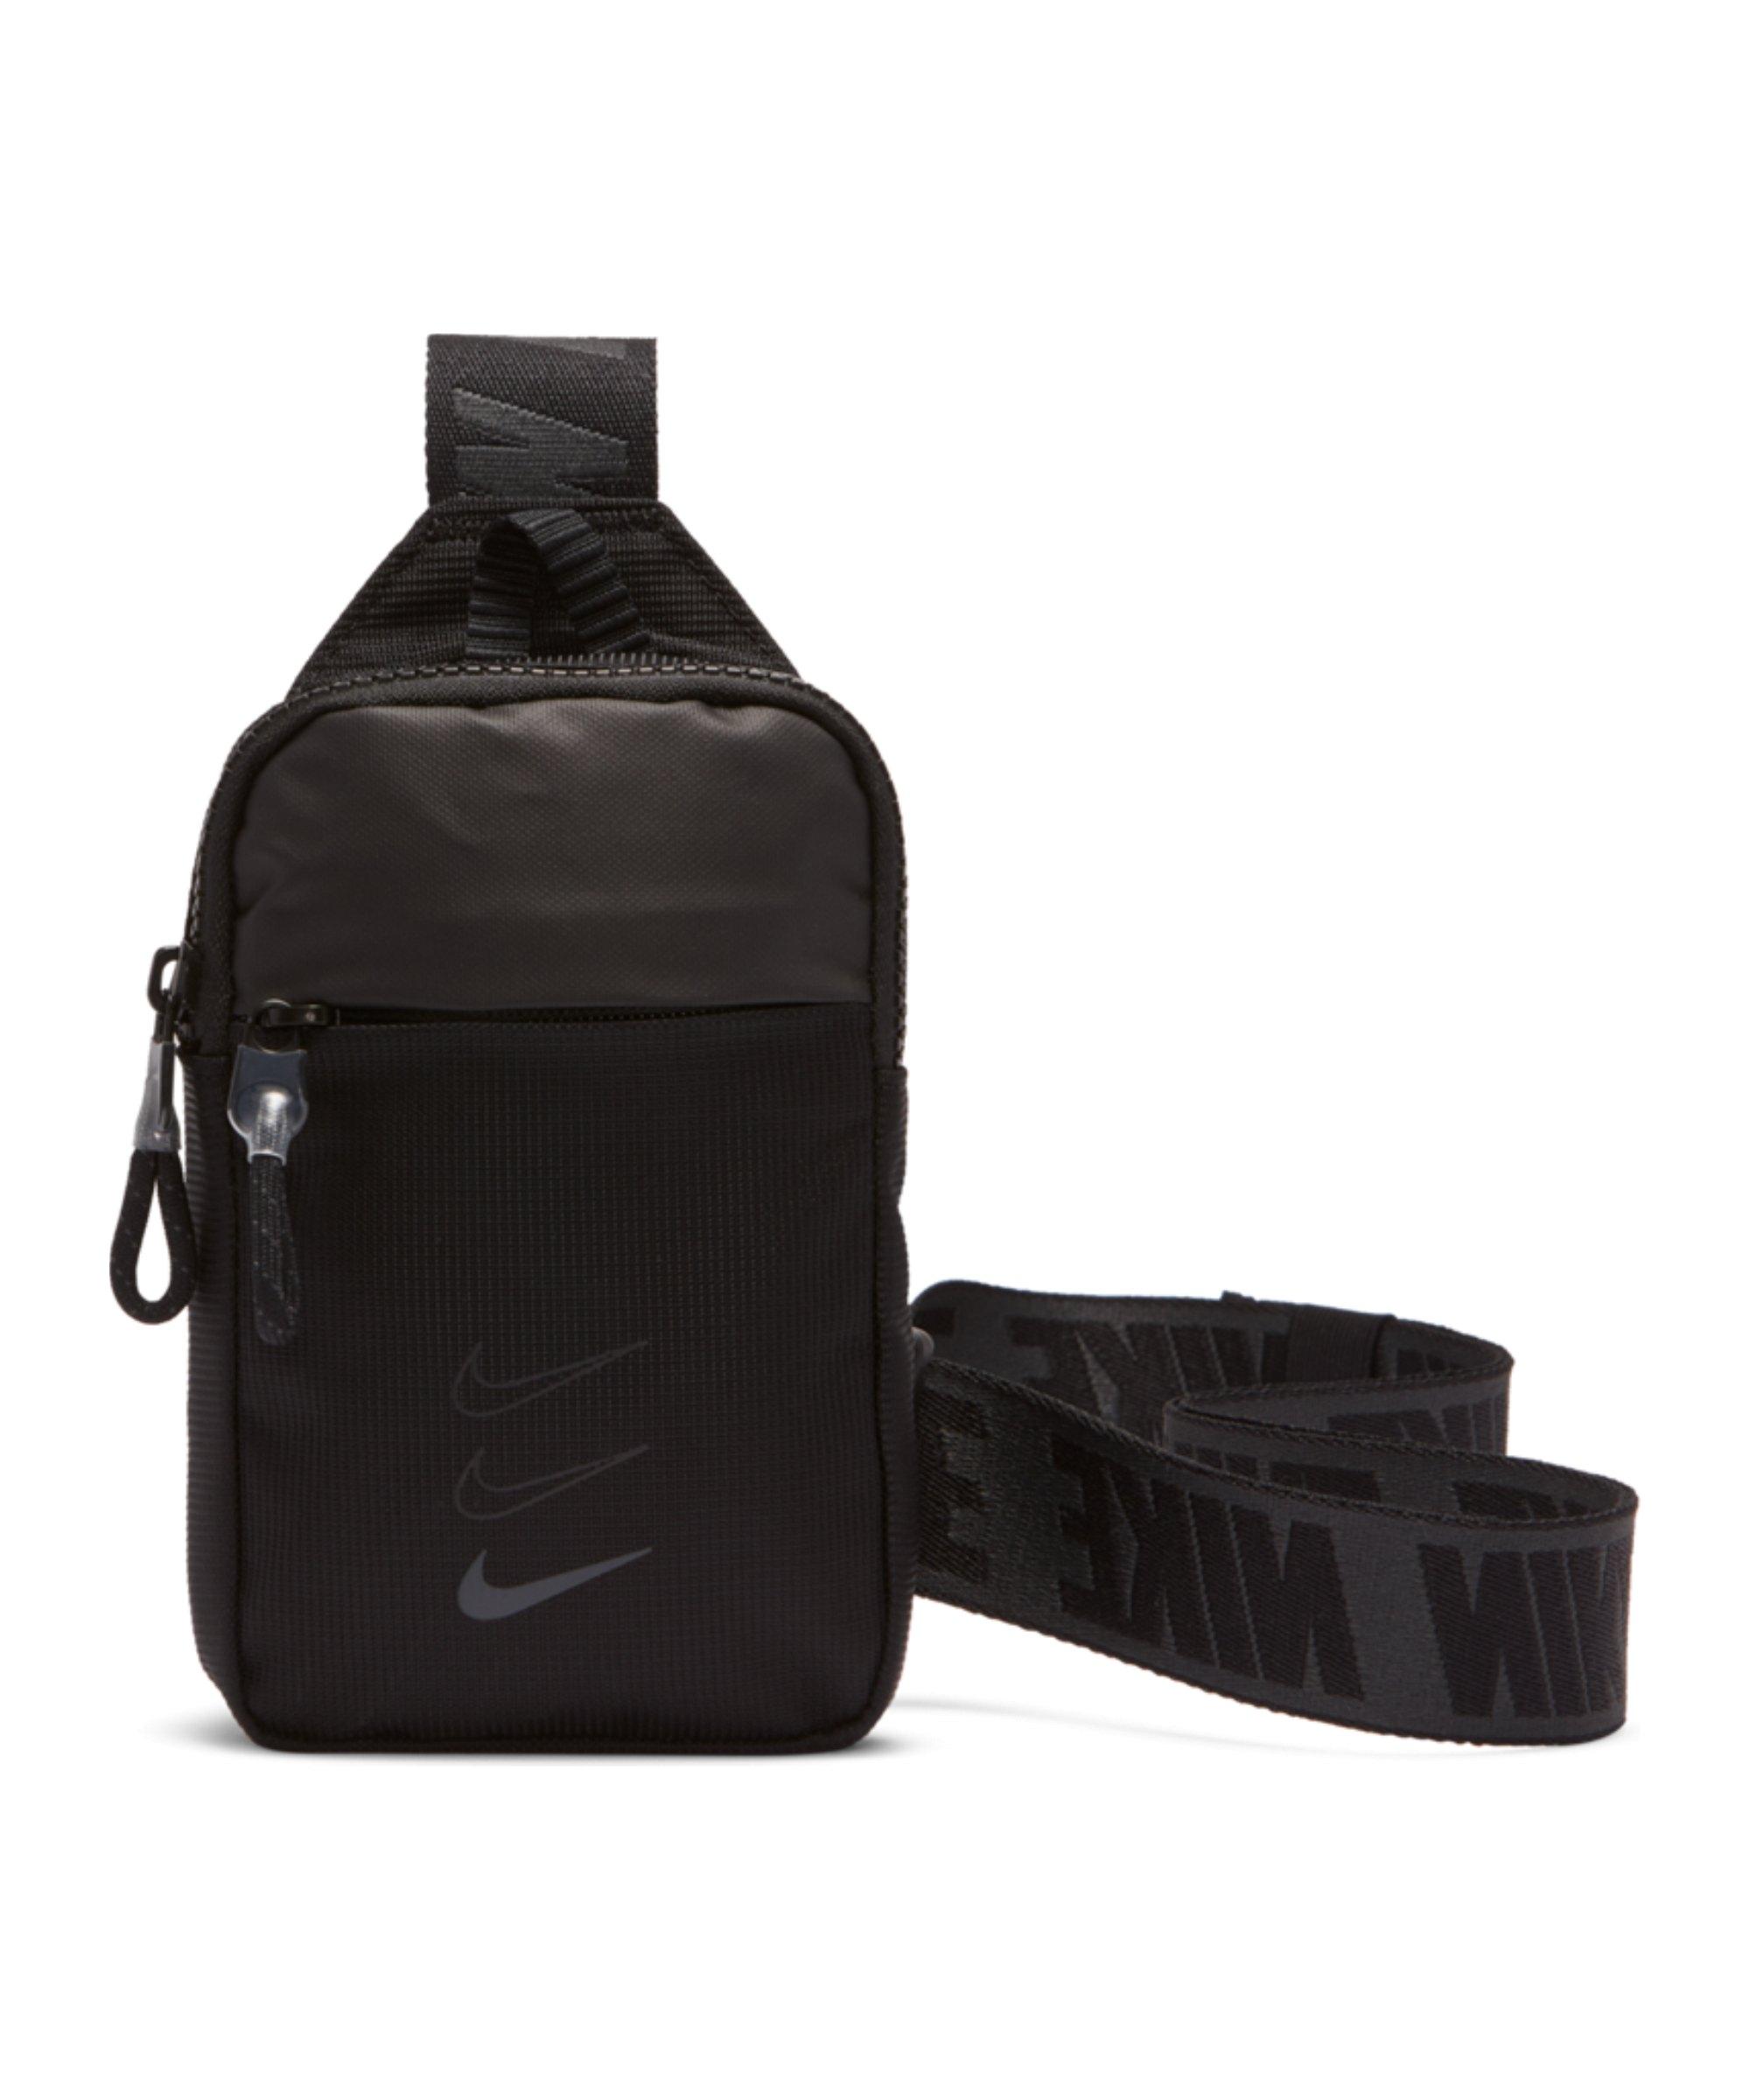 Nike Essential Hip Pack Hüfttasche Schwarz F011 - schwarz